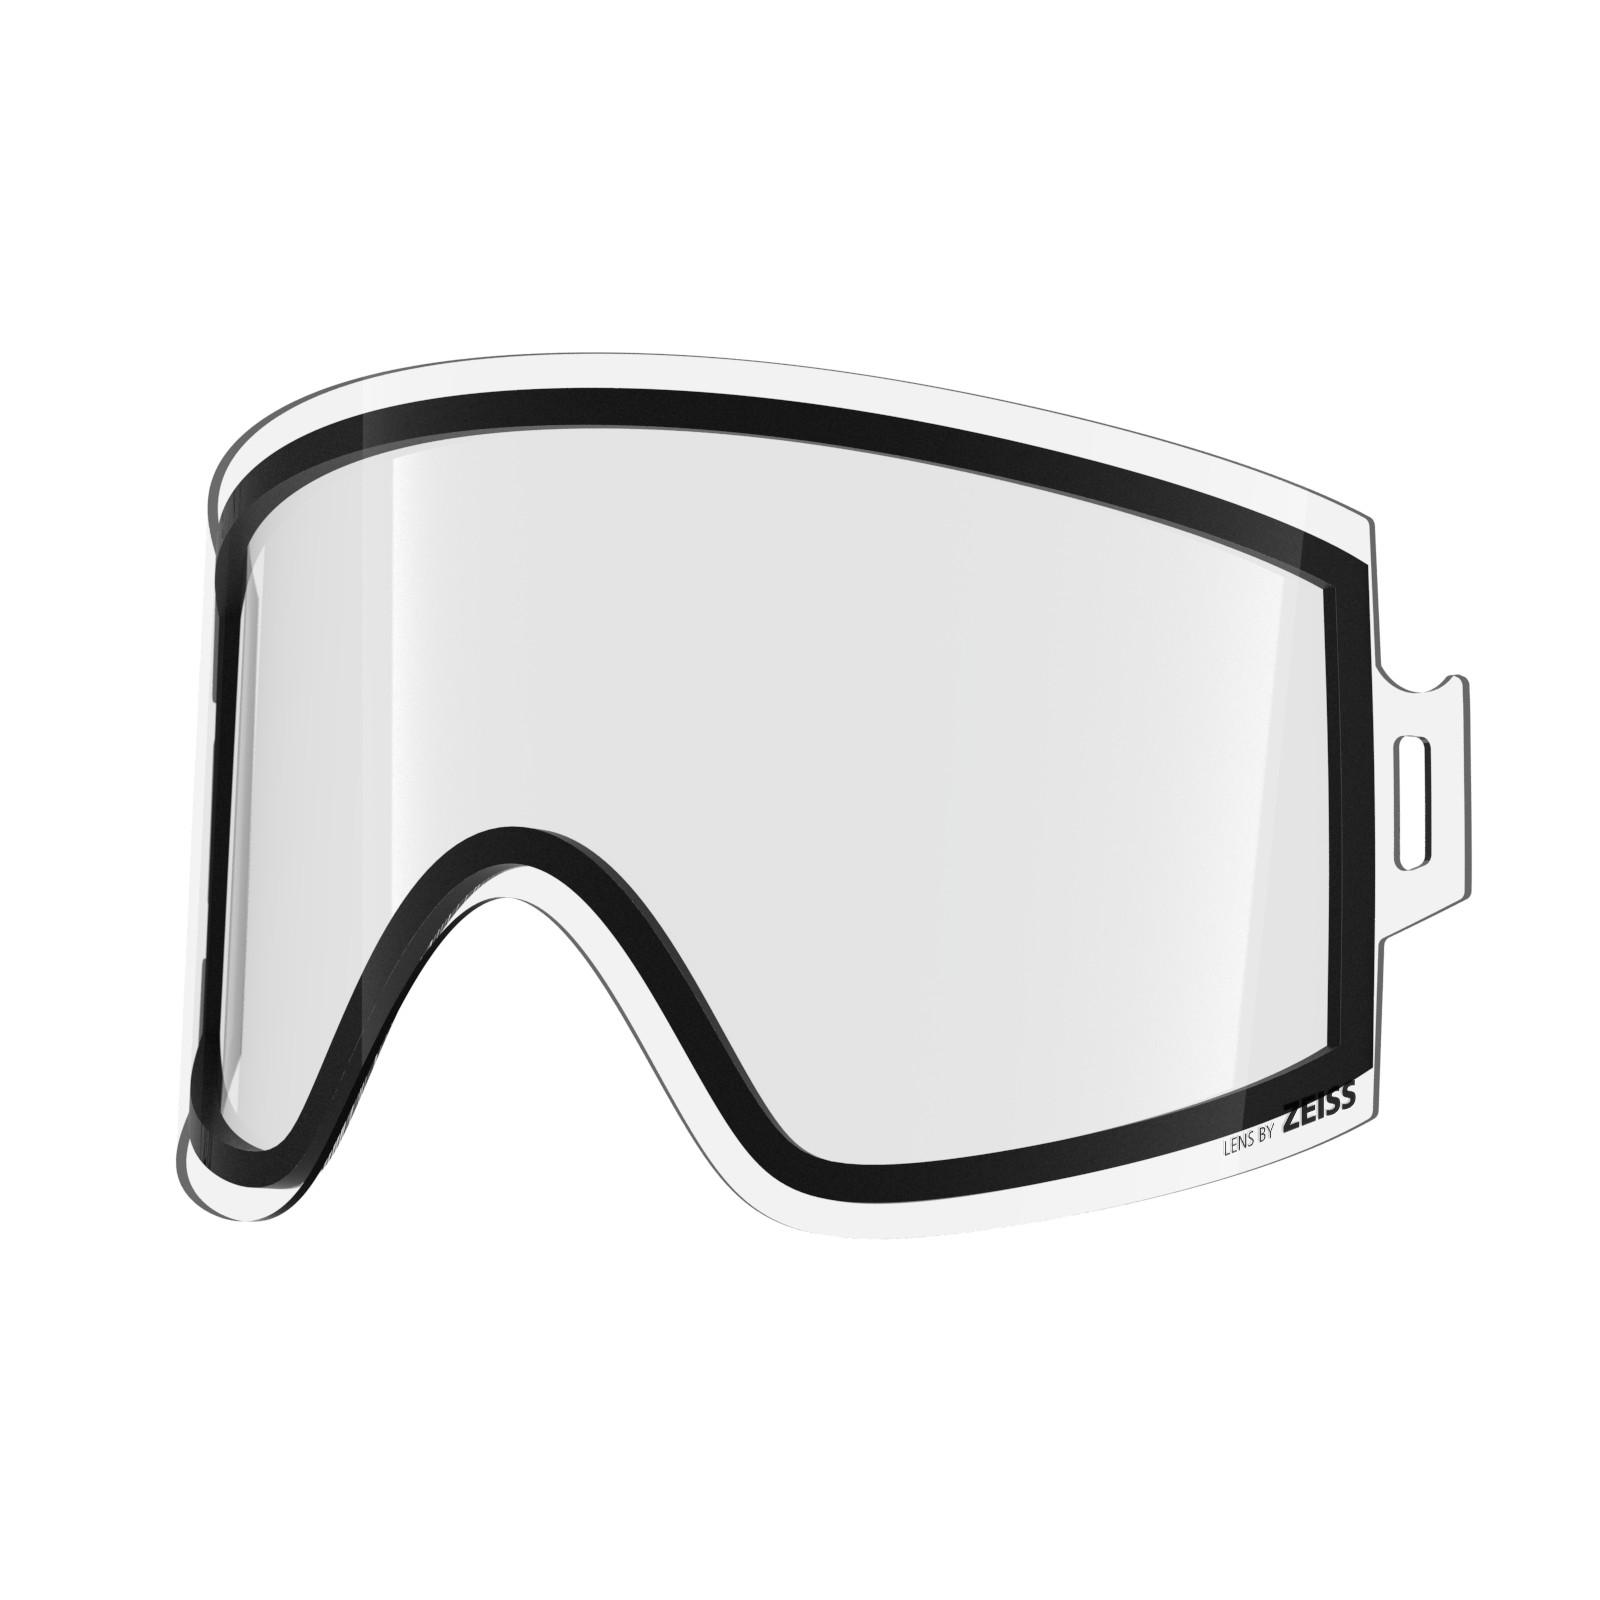 CLEAR lens for  Katana goggle